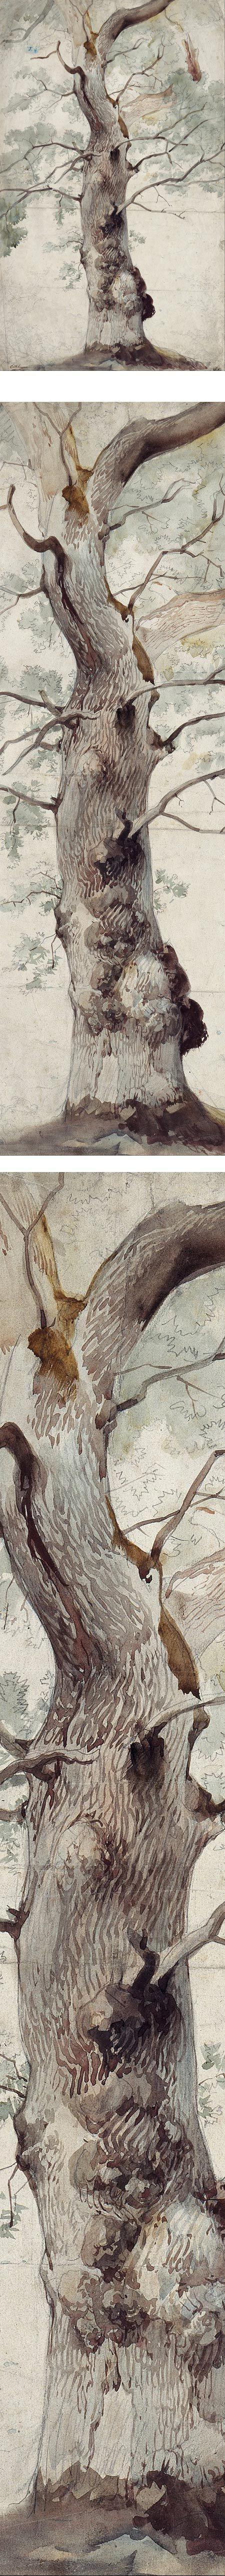 Study of a Tree | Johann Caspar Nepomuk Scheuren | Watercolor over pencil